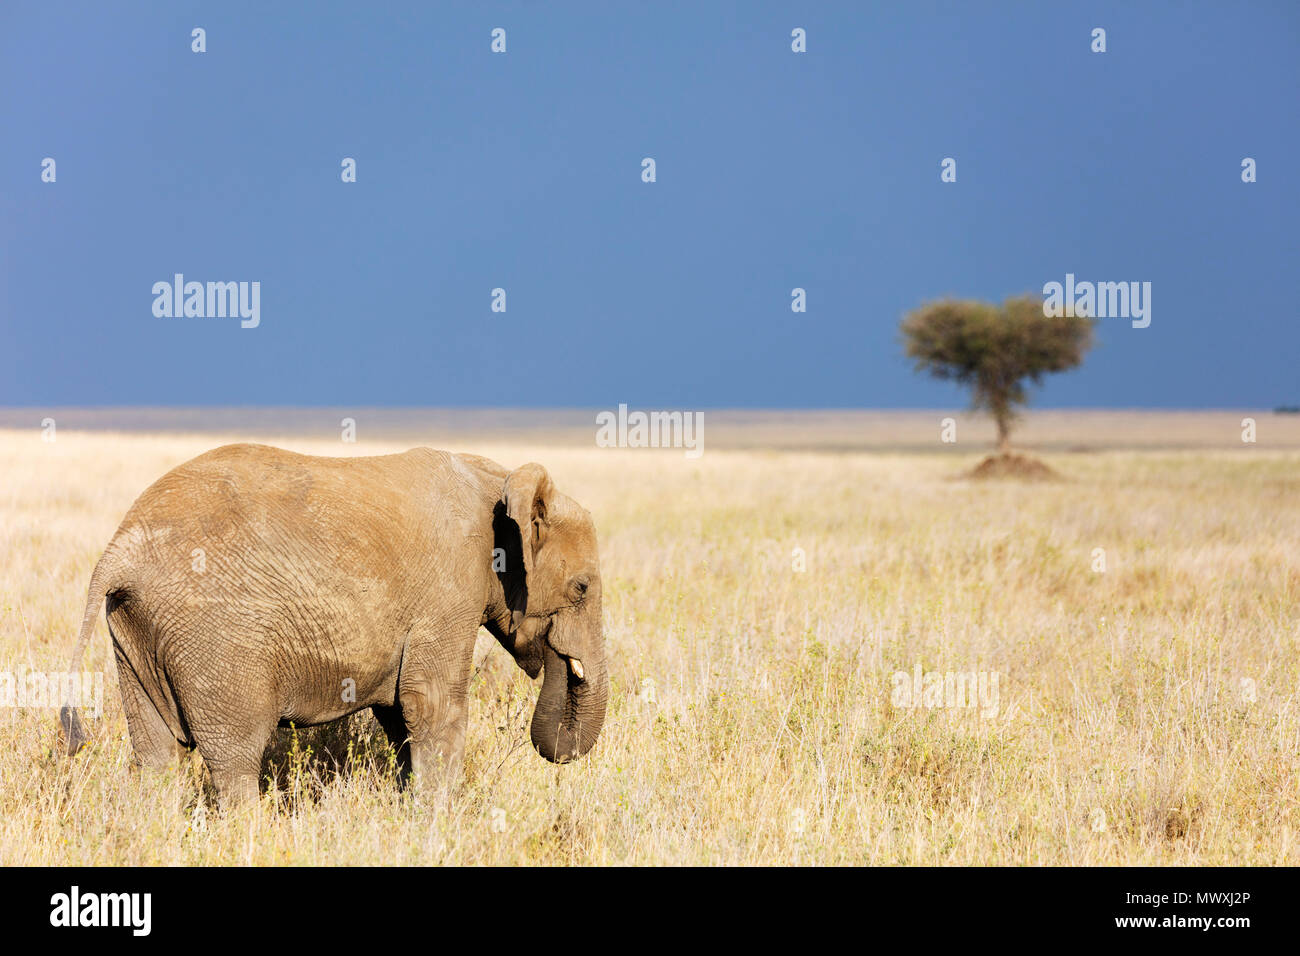 L'éléphant africain (Loxodonta africana), le Parc National du Serengeti, Site du patrimoine mondial de l'UNESCO, la Tanzanie, l'Afrique de l'Est, l'Afrique Photo Stock